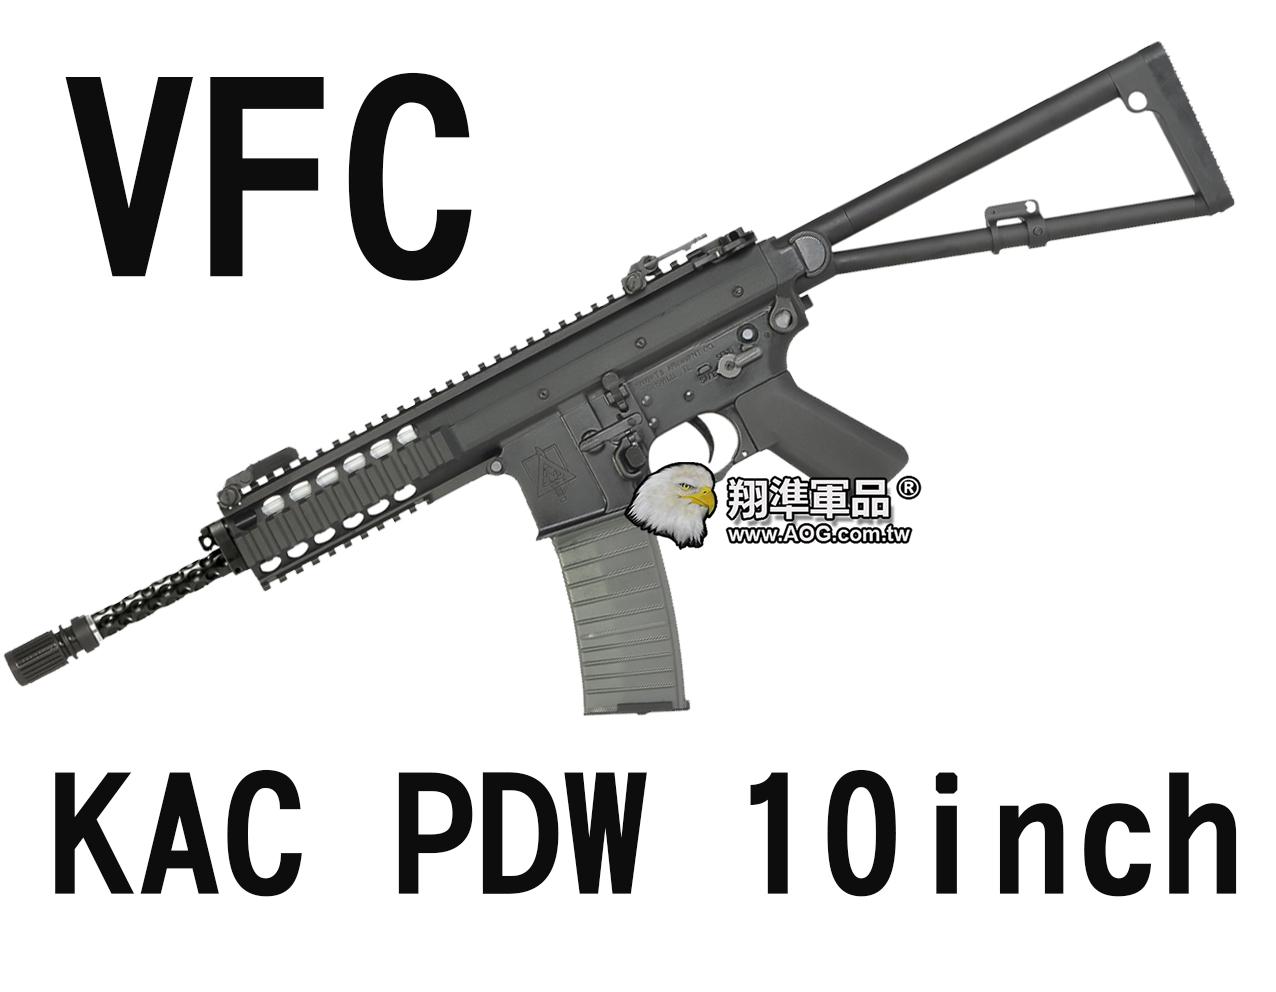 【翔準軍品AOG】【VFC】KAC PDW 10 inch  長管三角摺疊托 魚骨版 電動槍 長槍 衝鋒槍 黑色 VF1-LKACPDW-BK81